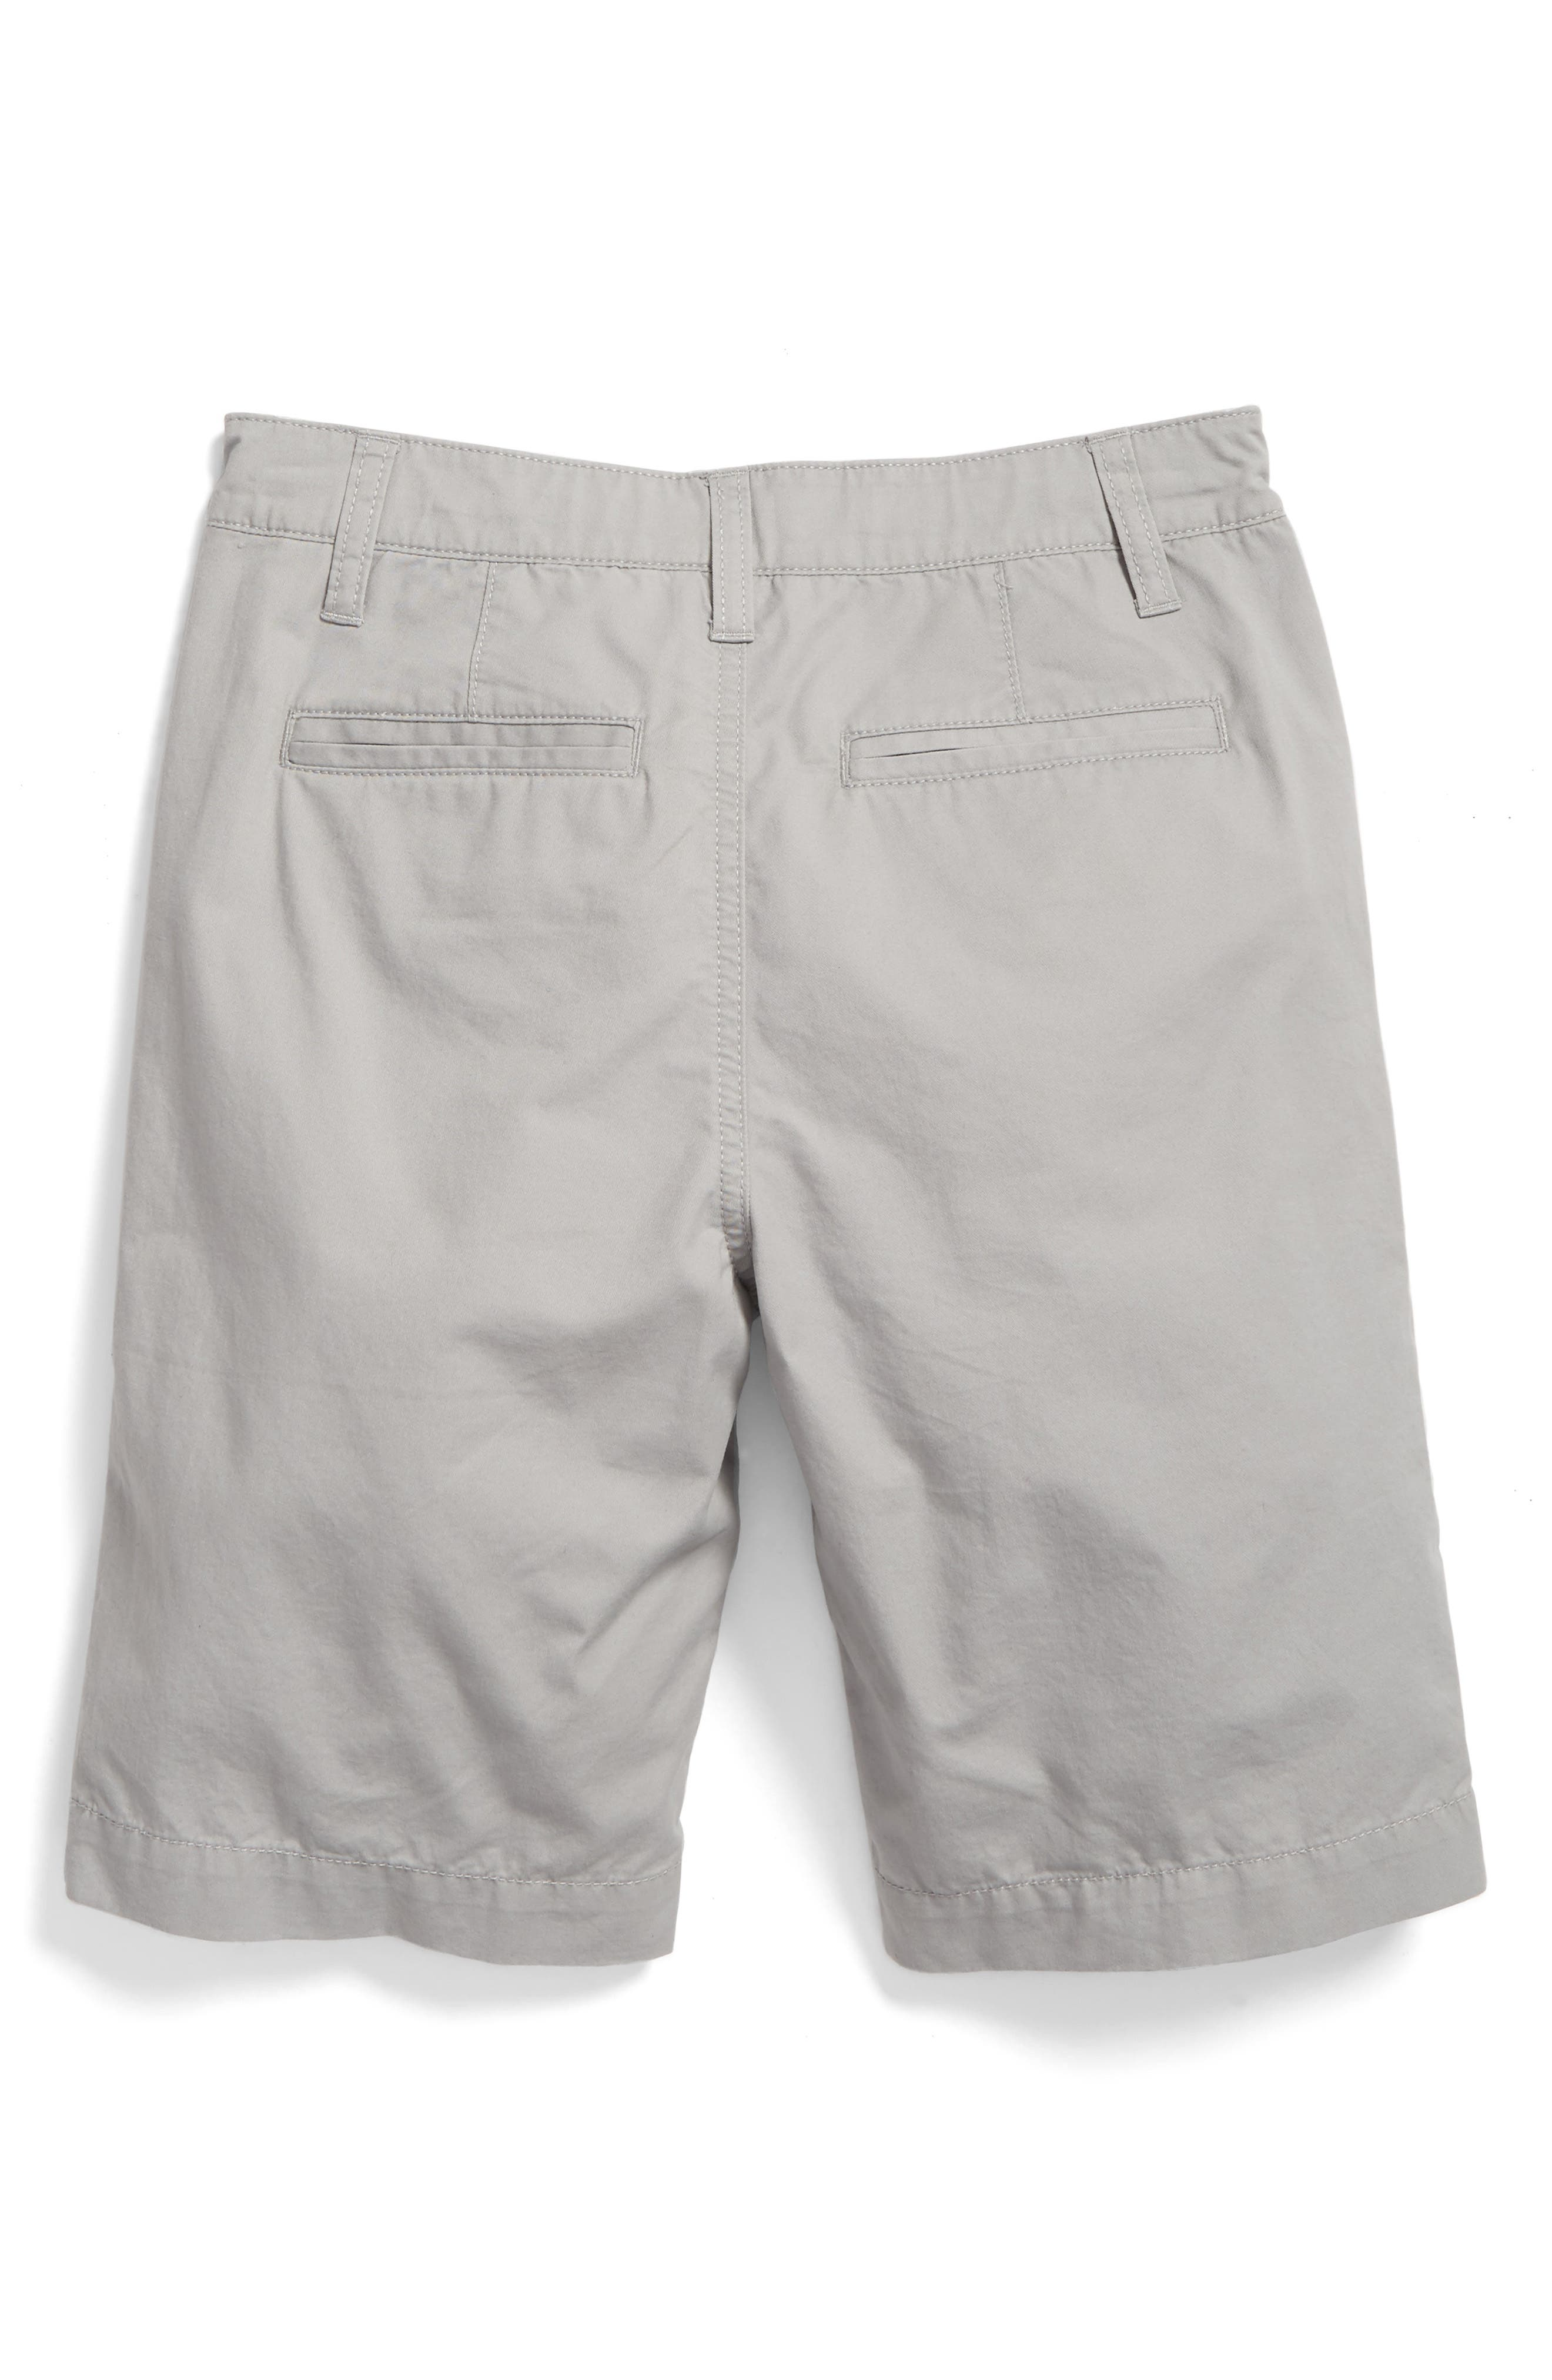 Chino Shorts,                             Main thumbnail 1, color,                             GREY ALLOY